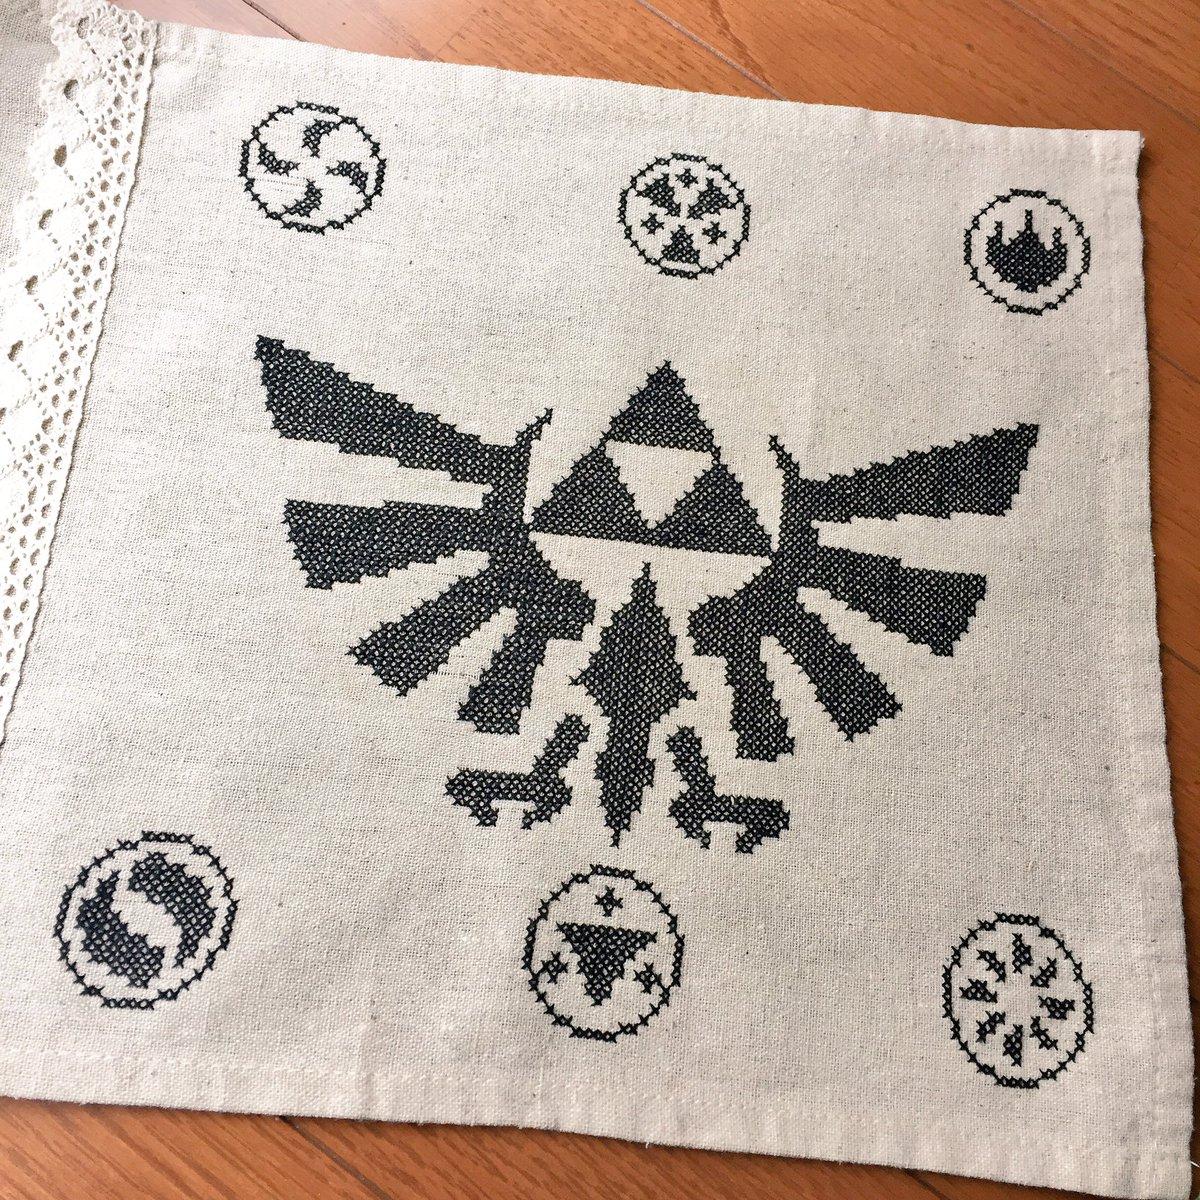 クロスステッチ zelda cross stitch (source: twitter)